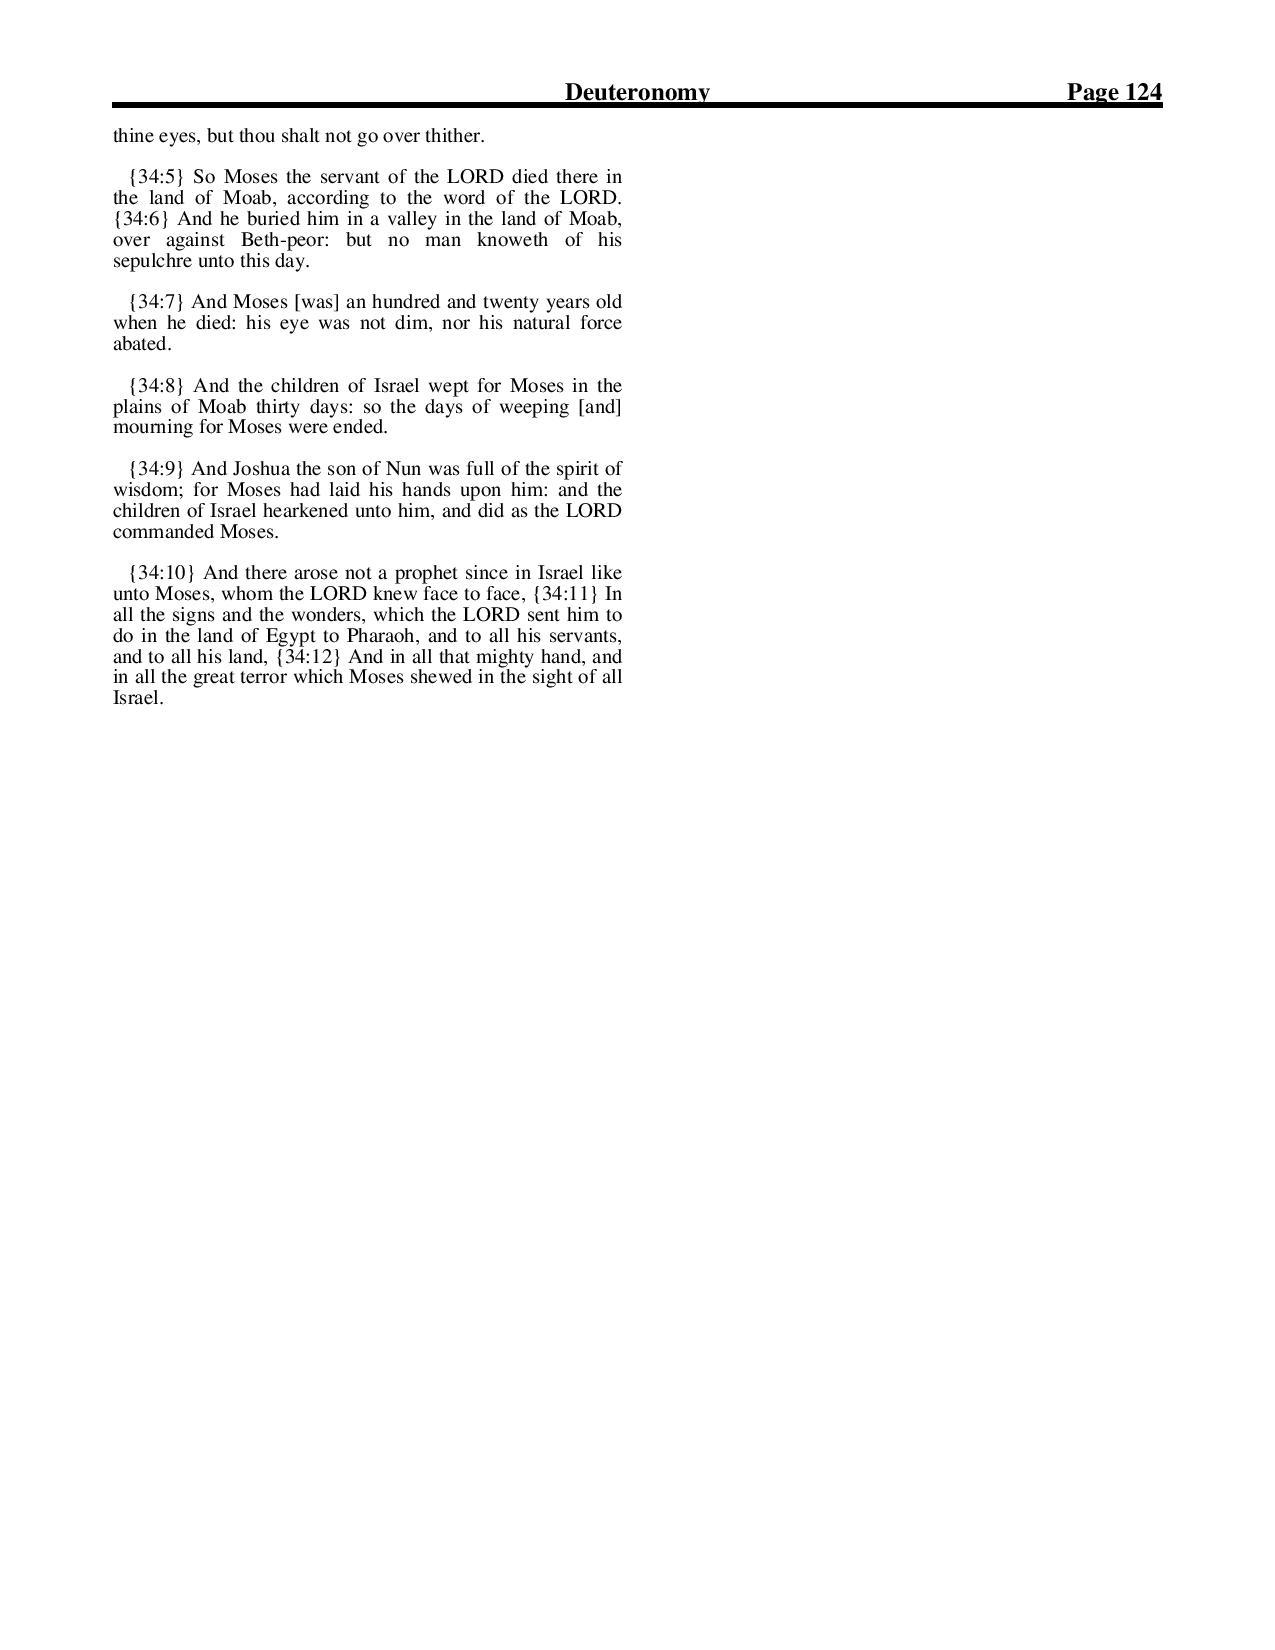 King-James-Bible-KJV-Bible-PDF-page-145